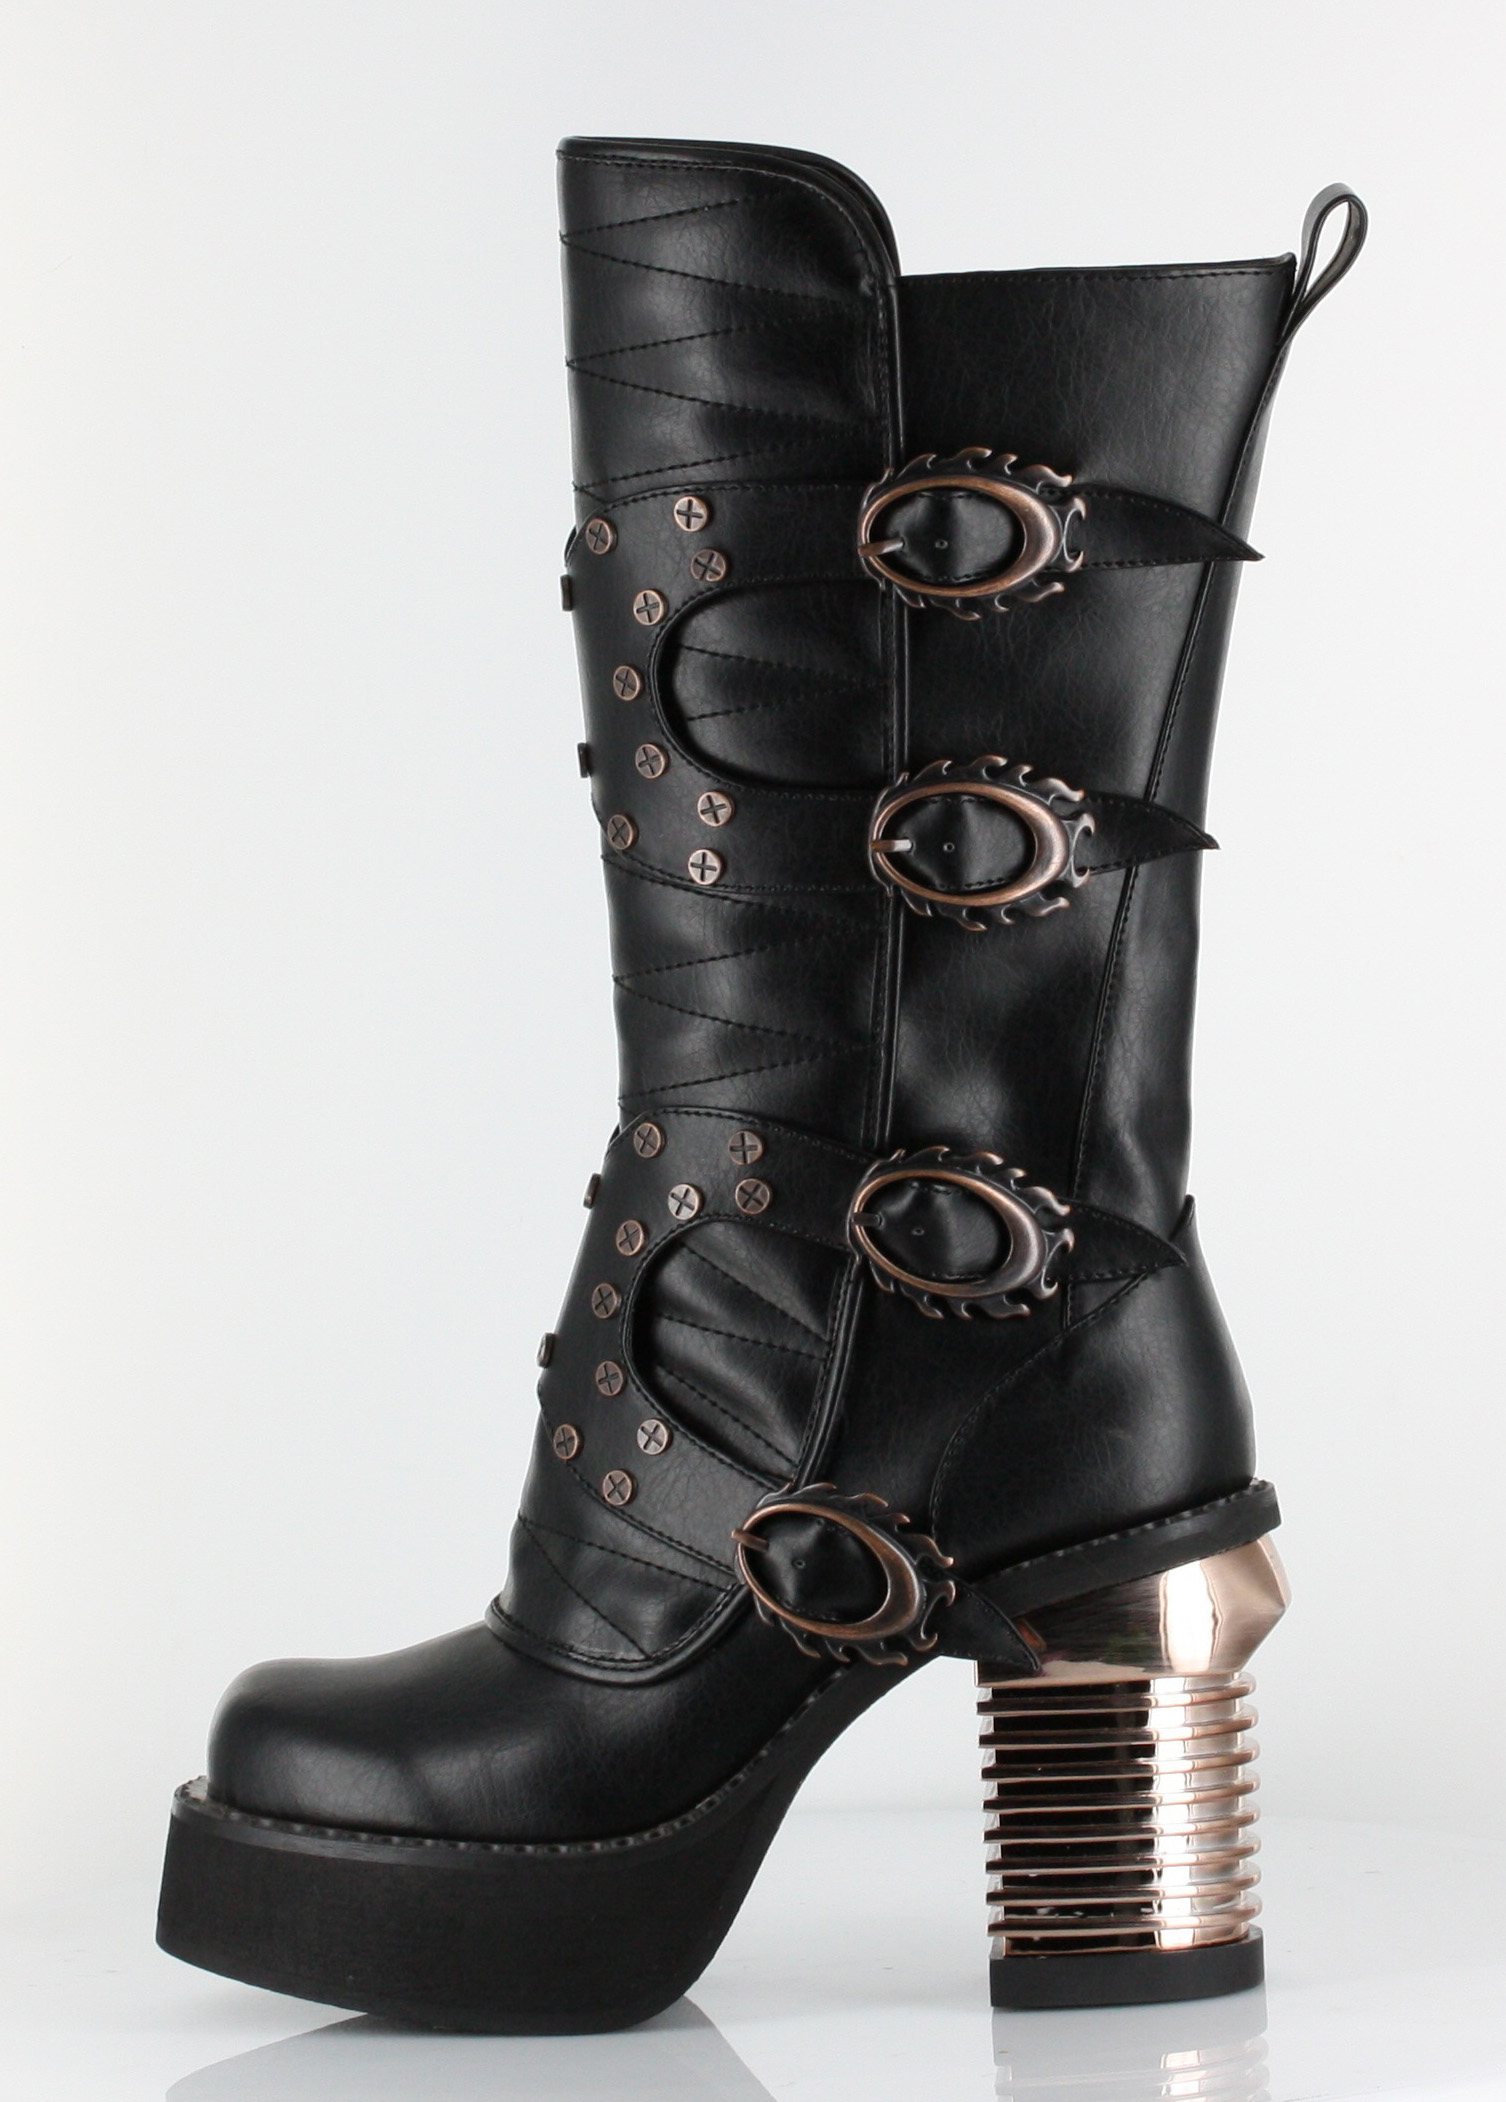 hades_shoes_black_harajuku_steampunk_boots_boots_6.jpg